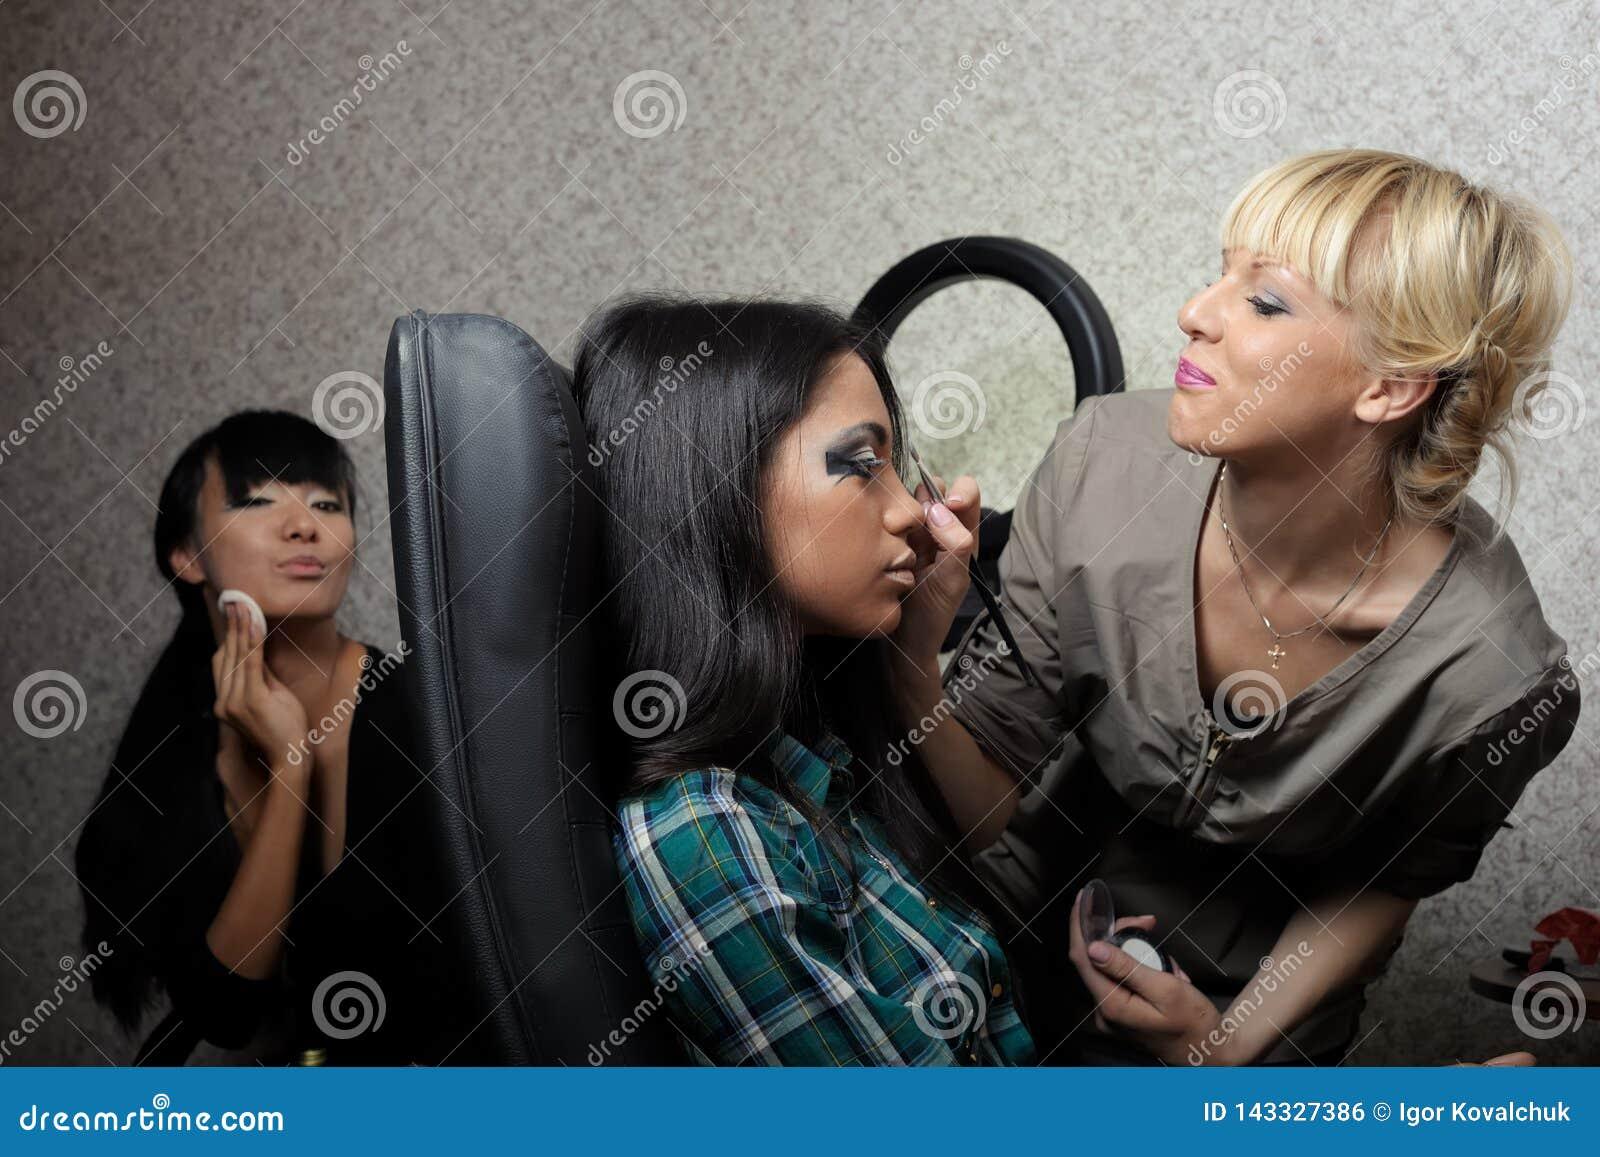 Άγιος-Πετρούπολη/Ρωσική Ομοσπονδία - 30 Νοεμβρίου 2012: Όμορφο πρότυπο κοριτσιών brunette